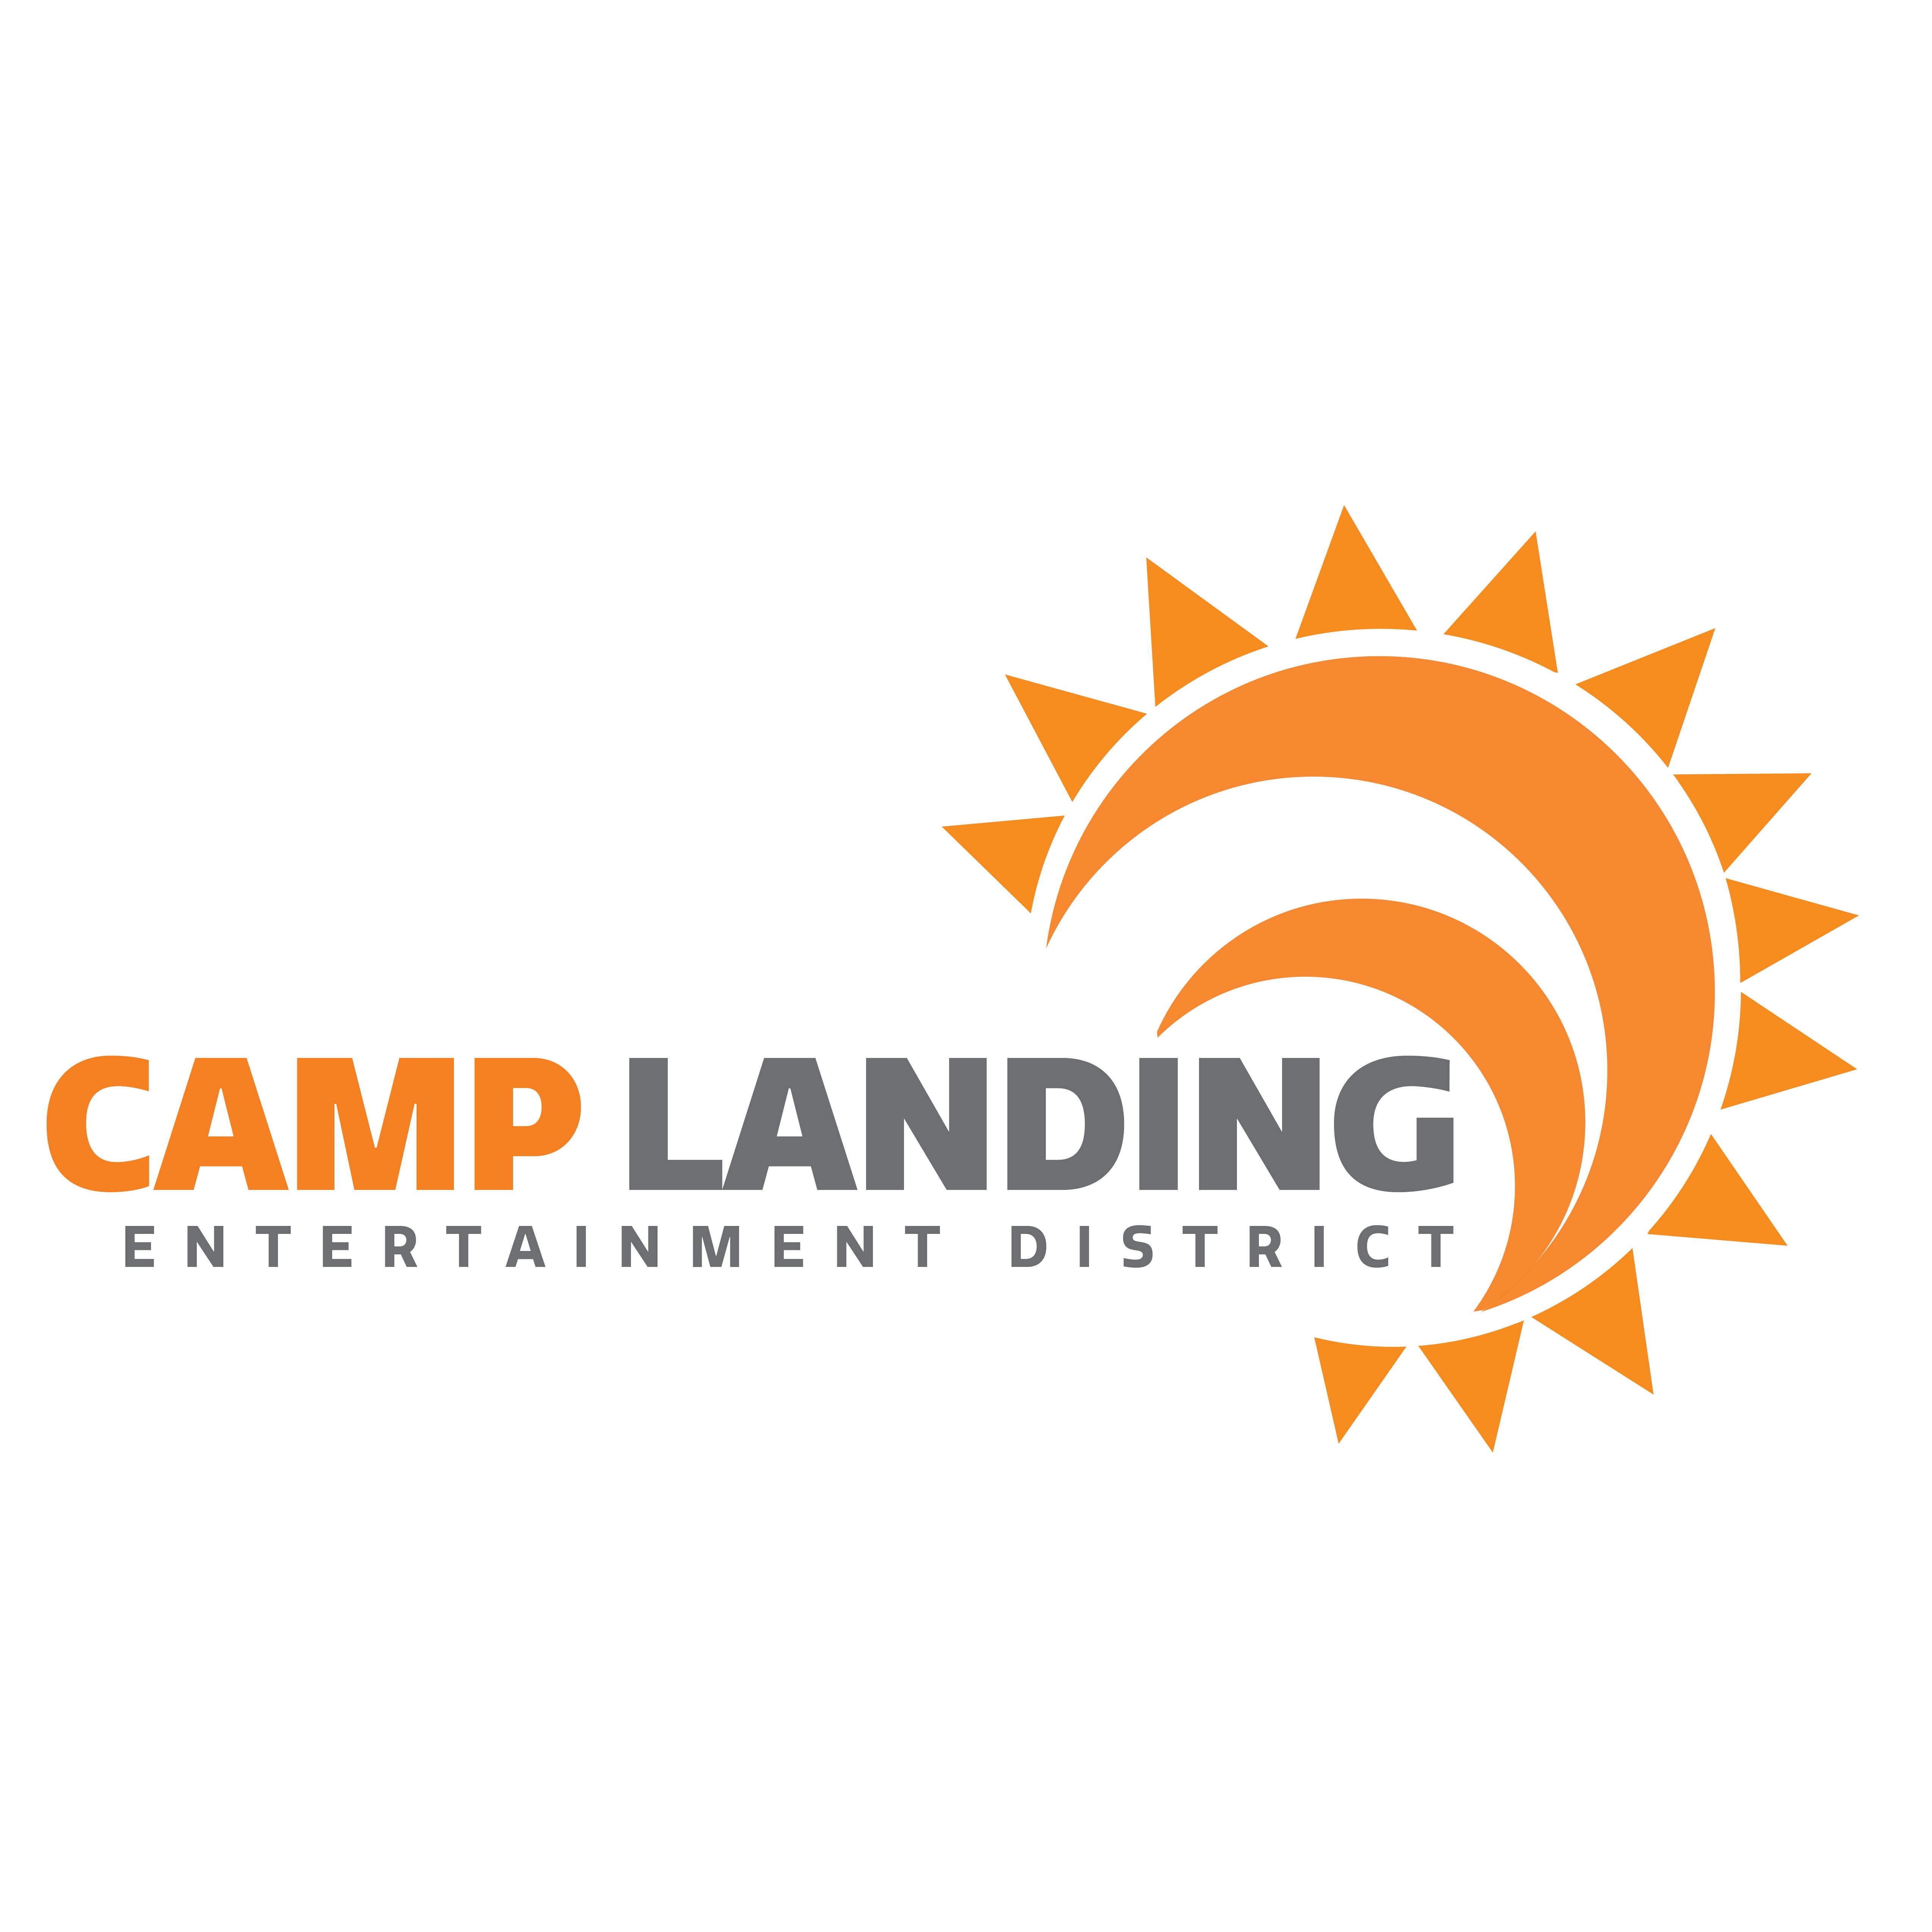 Camp Landing Entertainment District